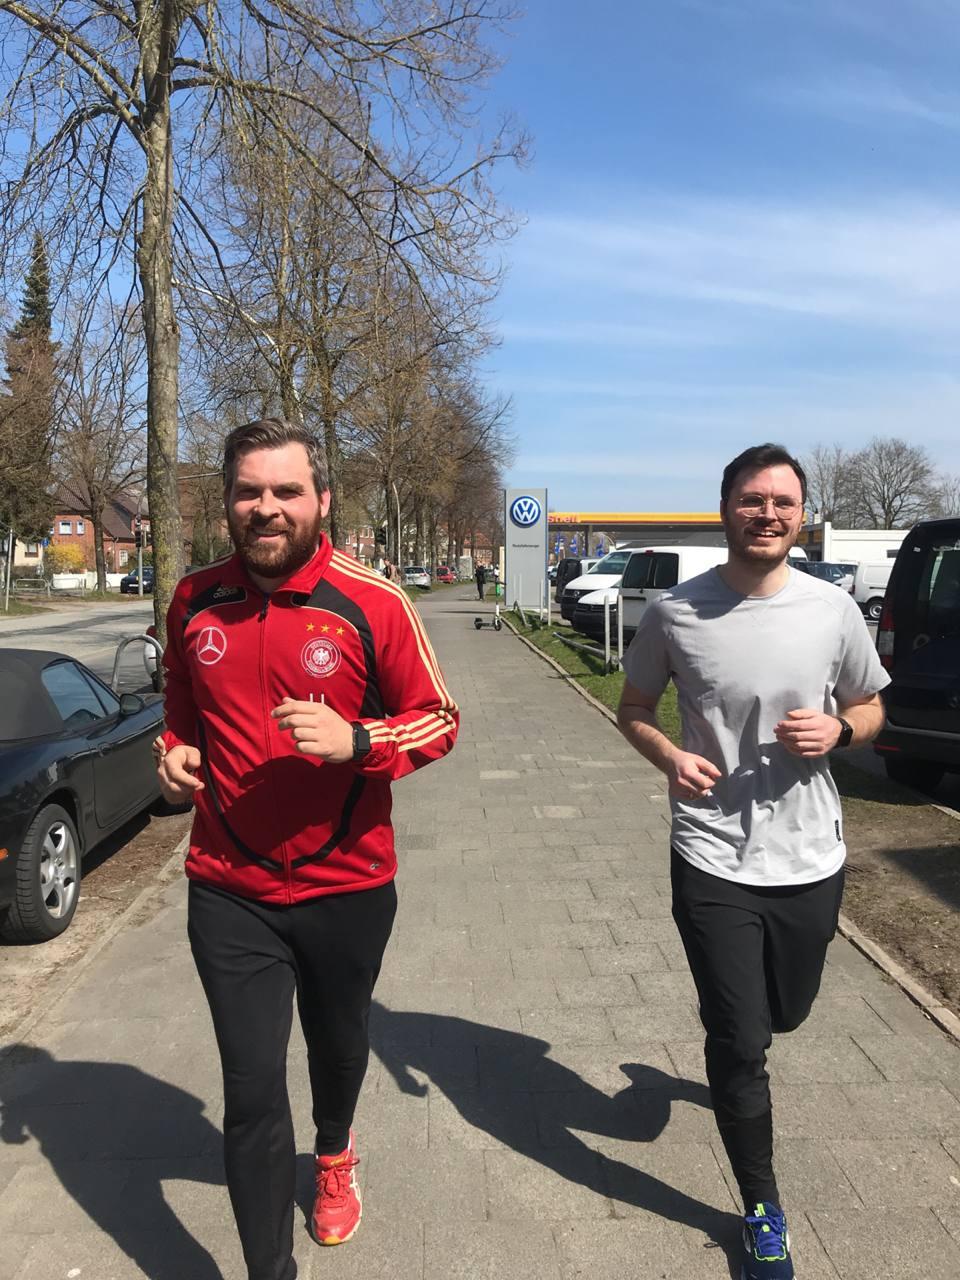 zwei Männer joggen